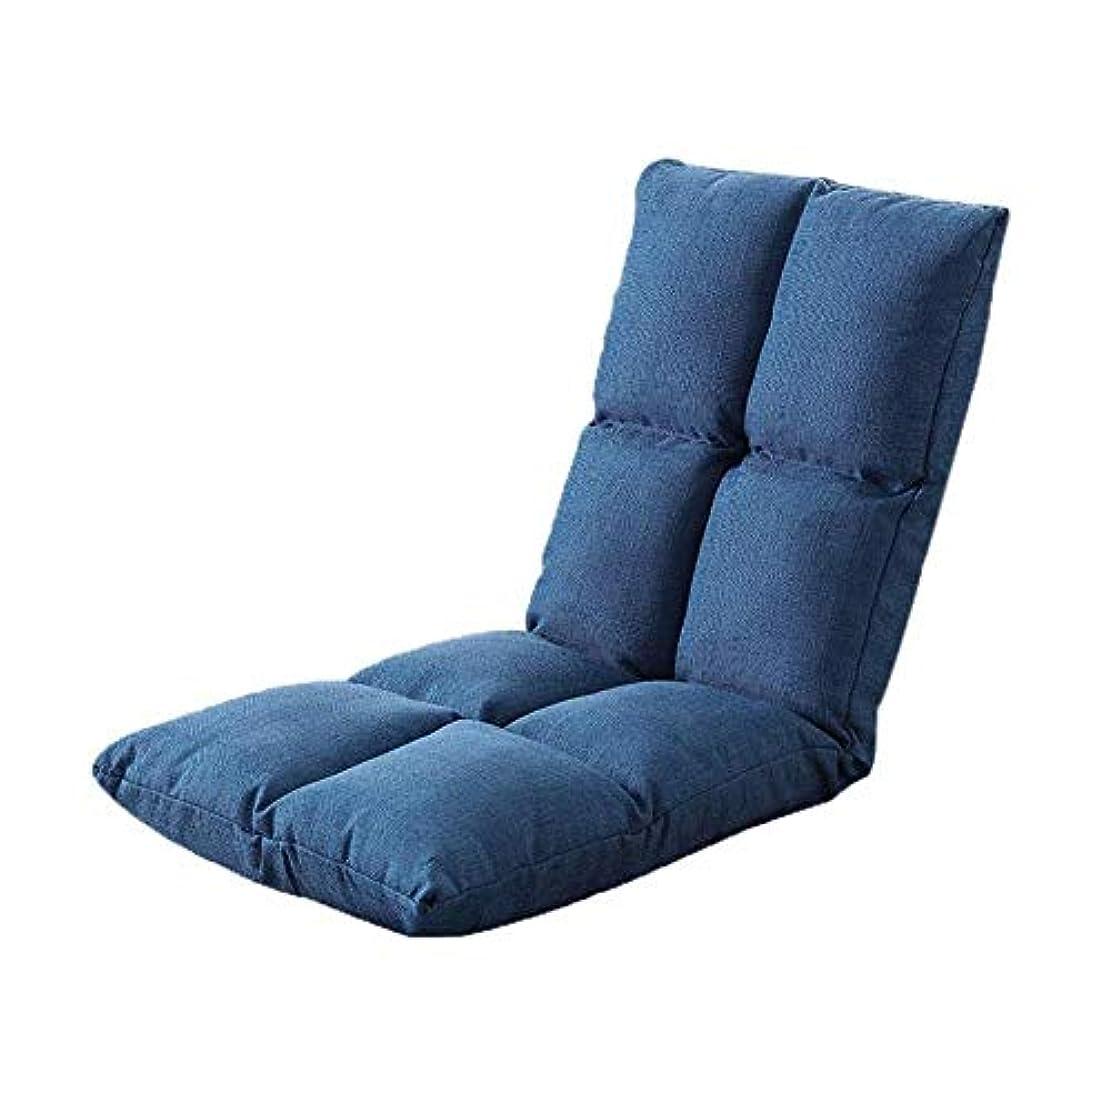 移住するディレクター持ってる瞑想用椅子、座るソファ、畳の畳の背もたれ、折り畳み式の洗える増粘剤、バルコニーの寝室のコンピューターのクッション